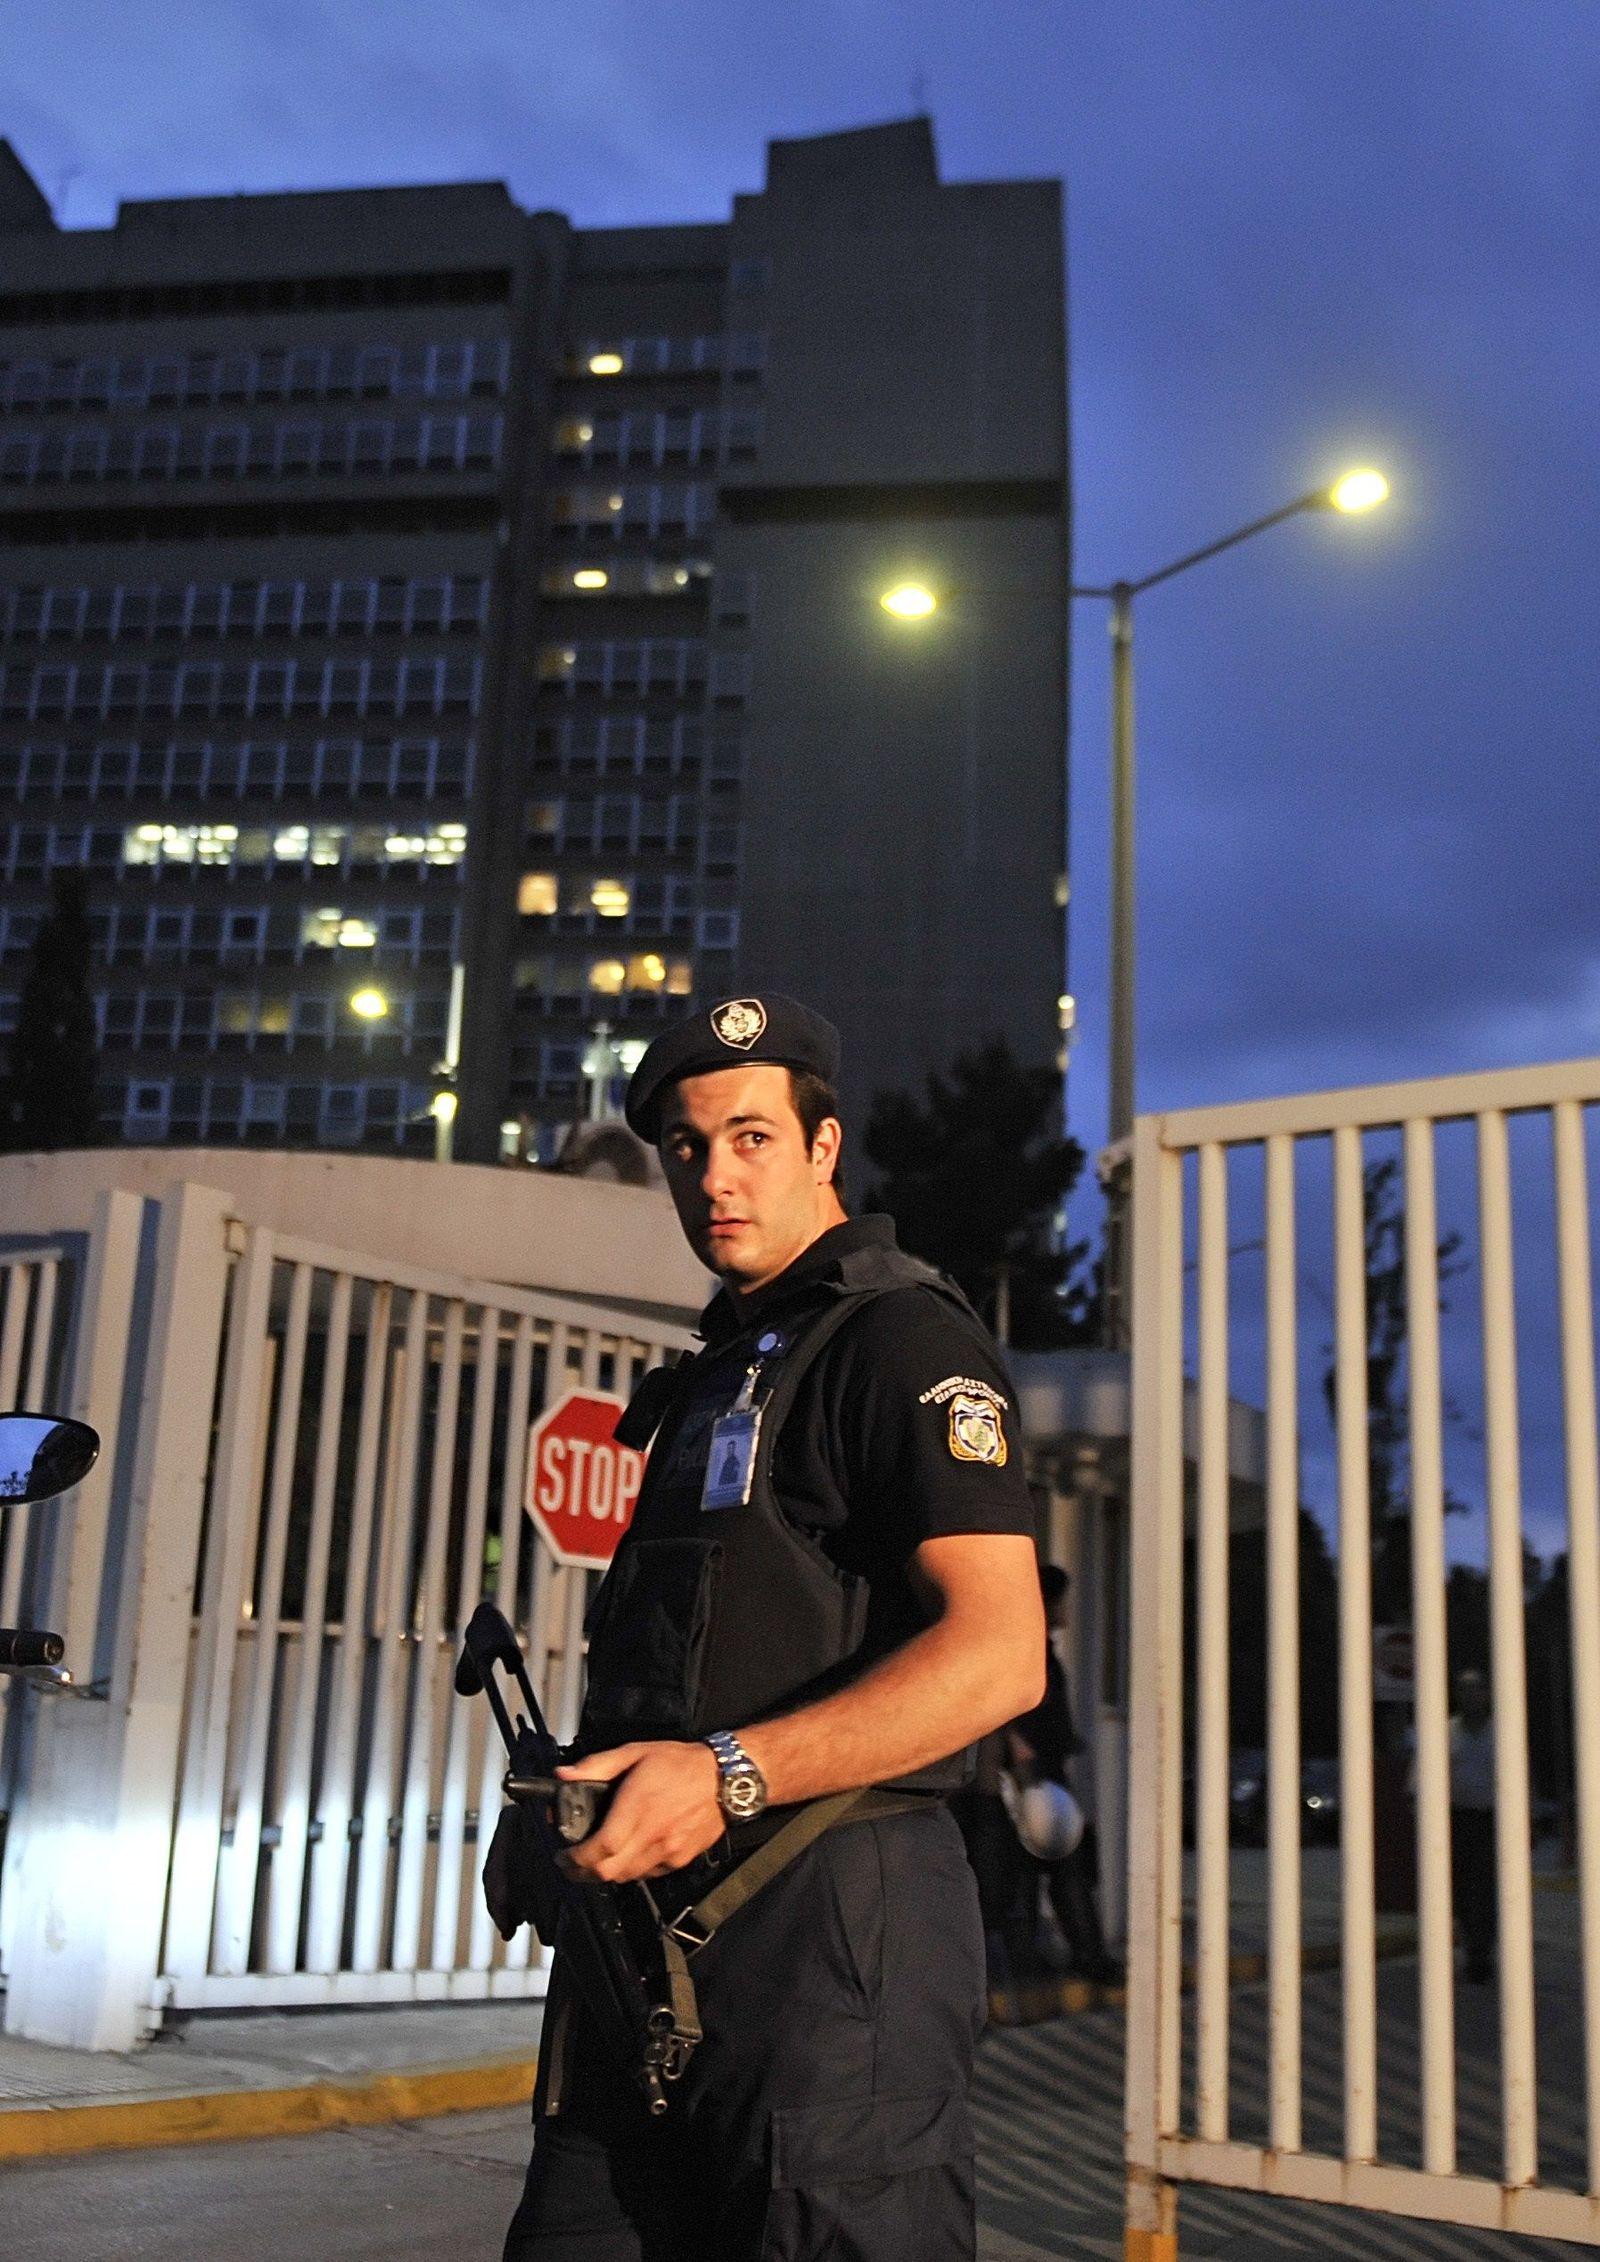 griechenland anschlag polizist